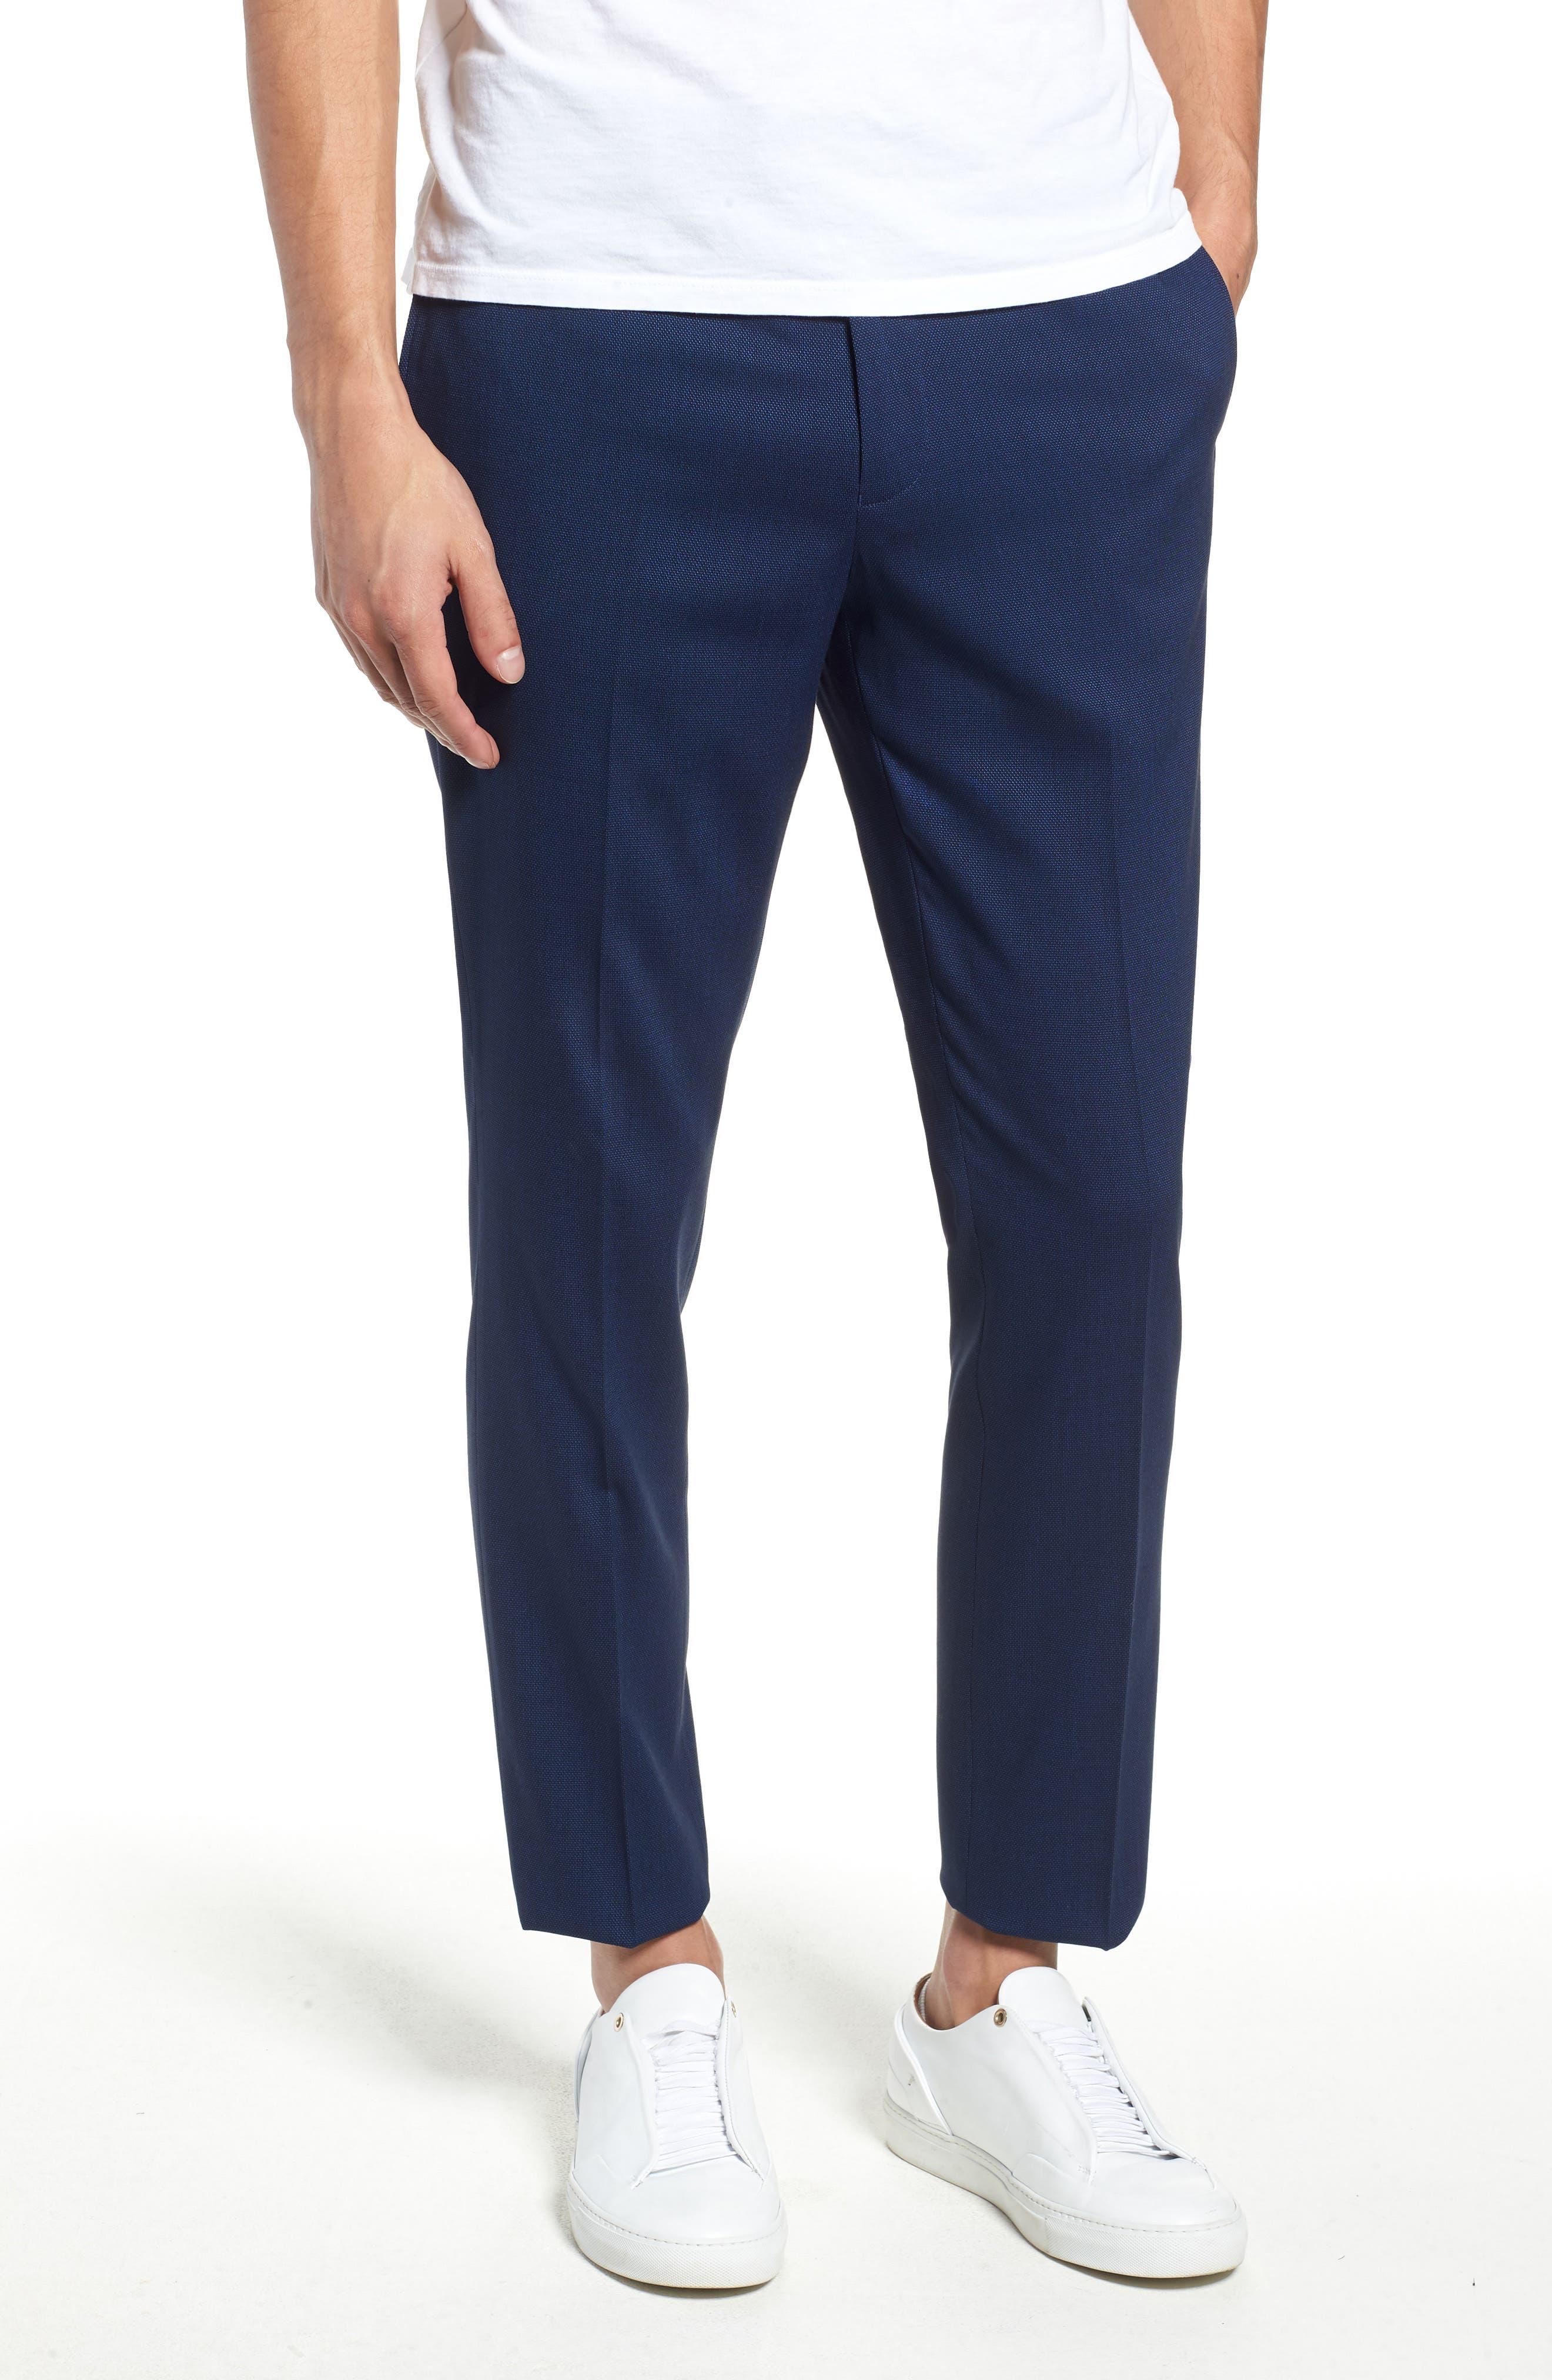 TOPMAN Skinny Fit Suit Pants, Main, color, MID BLUE